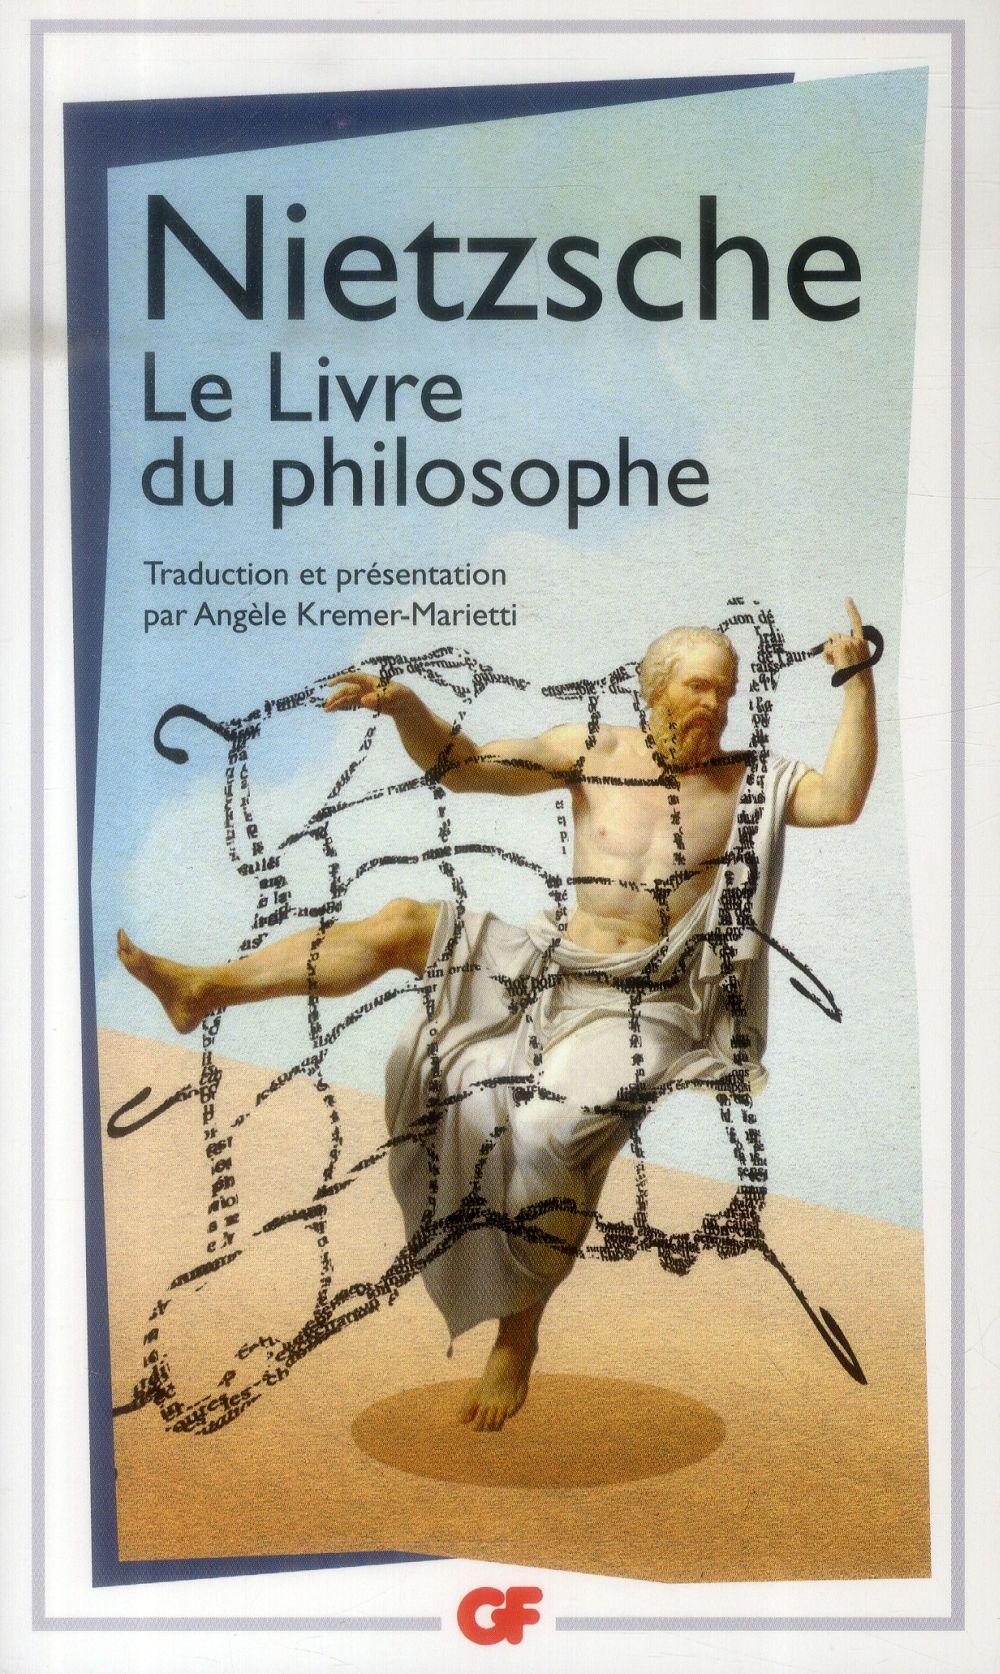 Le livre du philosophe